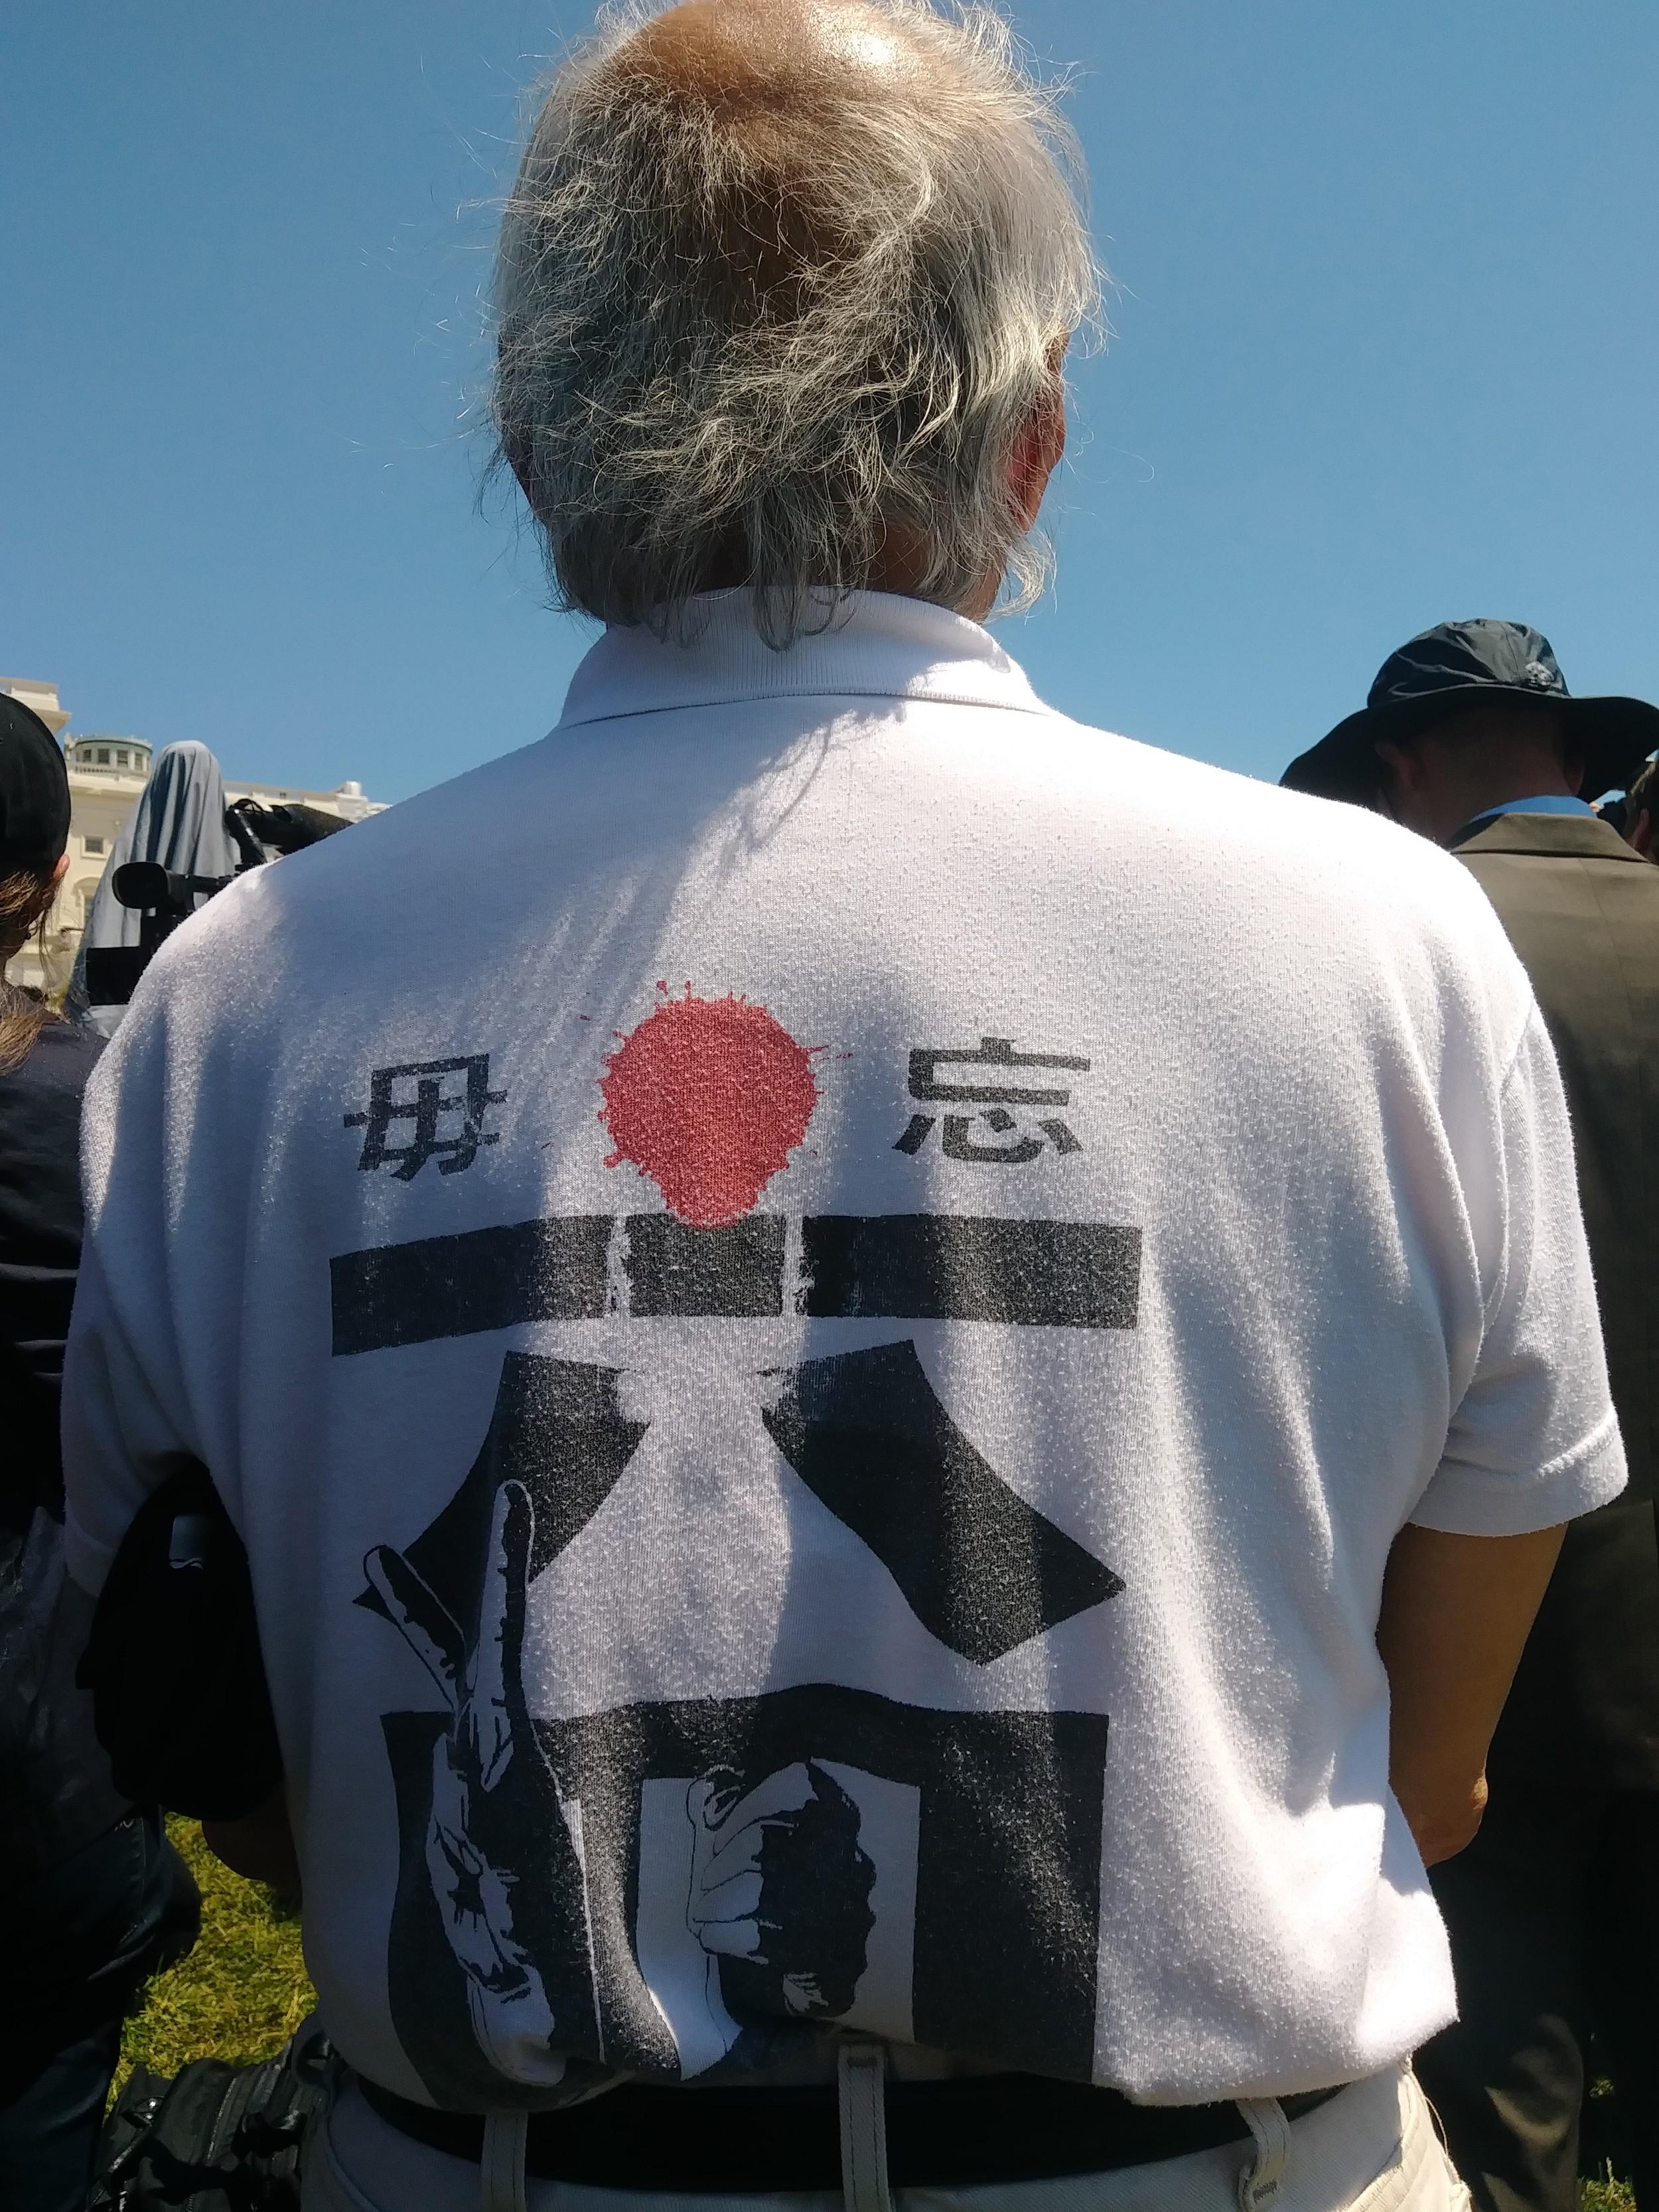 """这位当年的""""六四黑手"""",知识界5.16声明起草人、大游行指挥者郑义,每逢八九六四就身穿这件体恤为八九六四死难者站台,30年如一日。(北明拍摄)"""